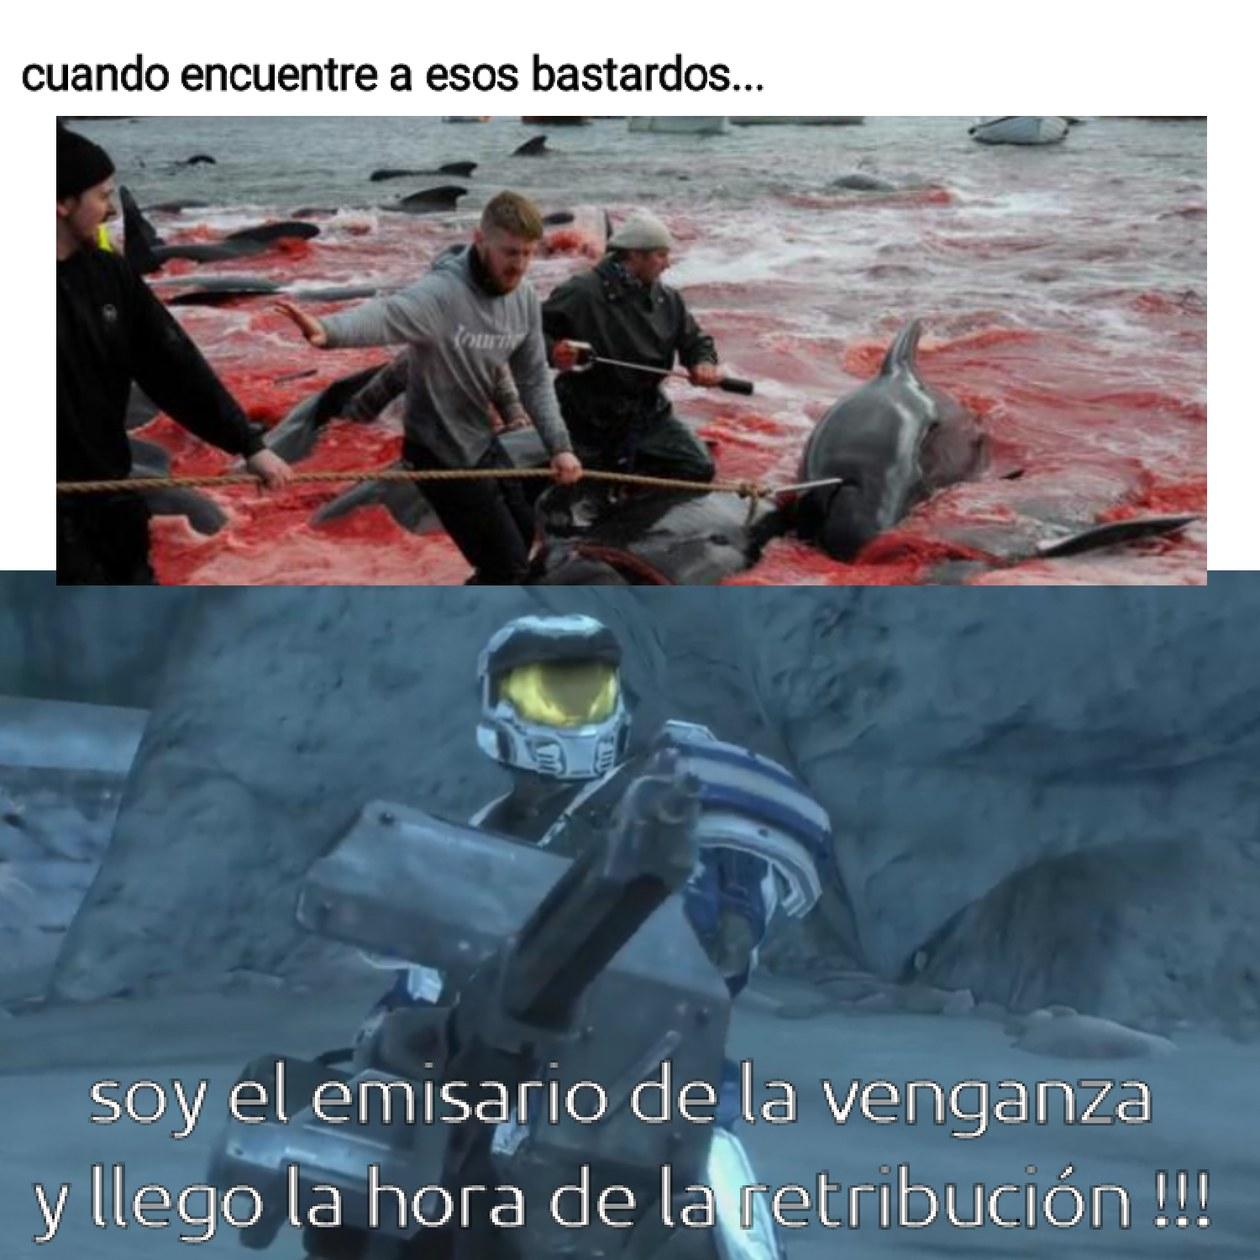 Contexto : mataron 250 delfines(entre ellos crias), era su rito de iniciación para demostrar que son adultos. .. - meme